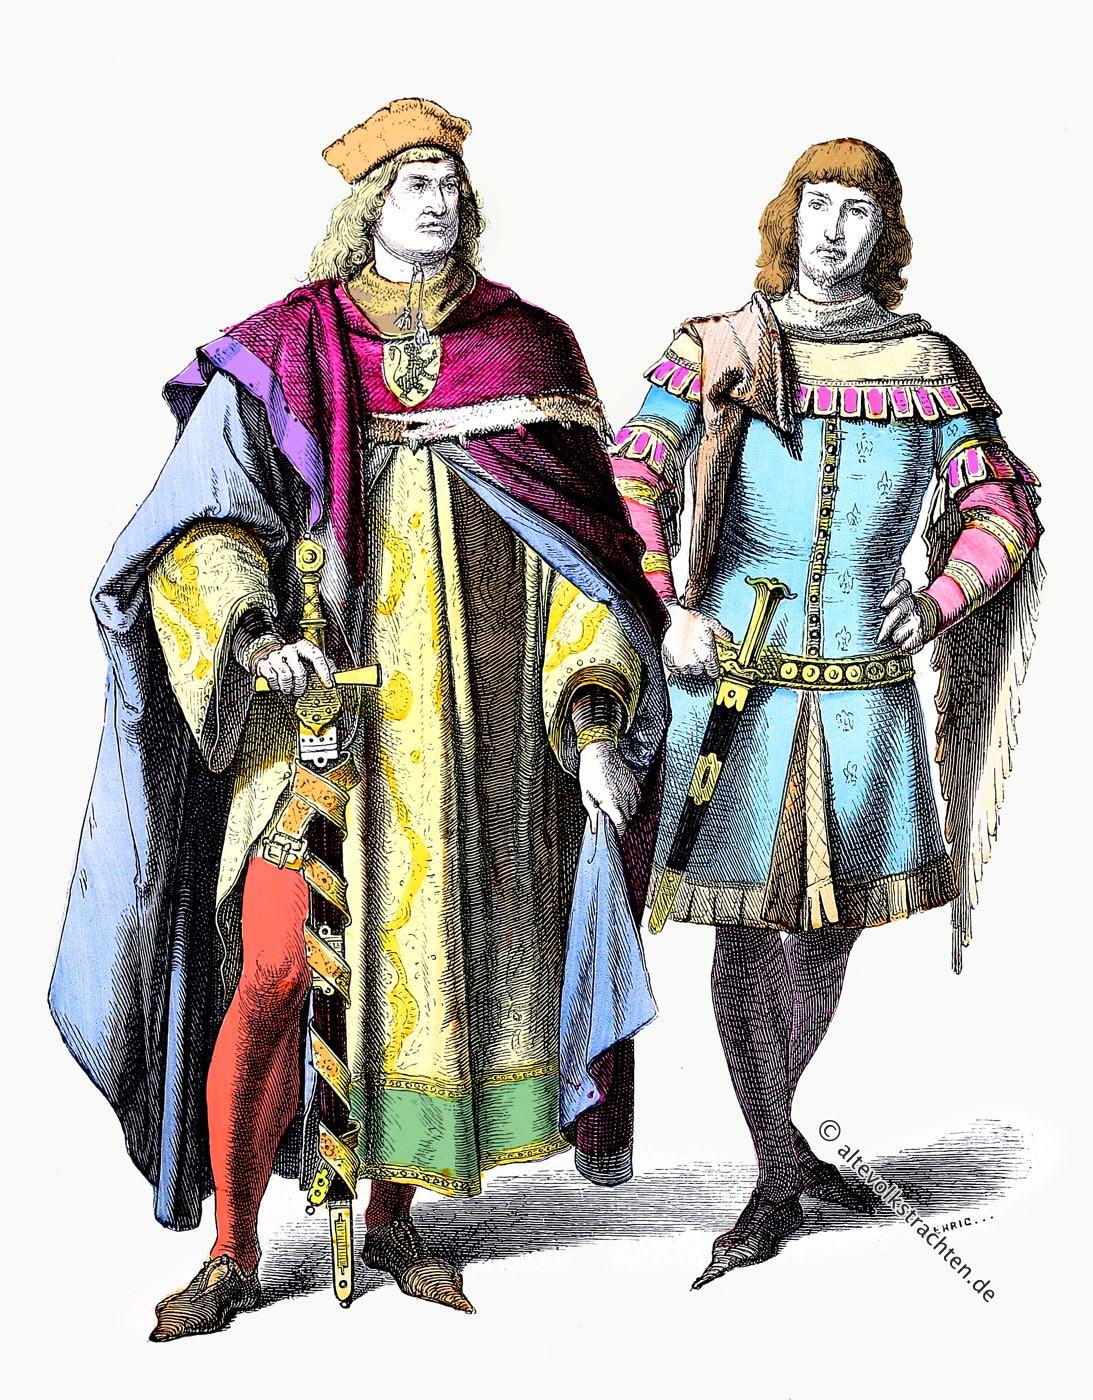 Münchener Bilderbogen, Mittelalter, Deutschland, Fürst, Ritter, Kostüme, Modegeschichte, 14. Jahrhundert,